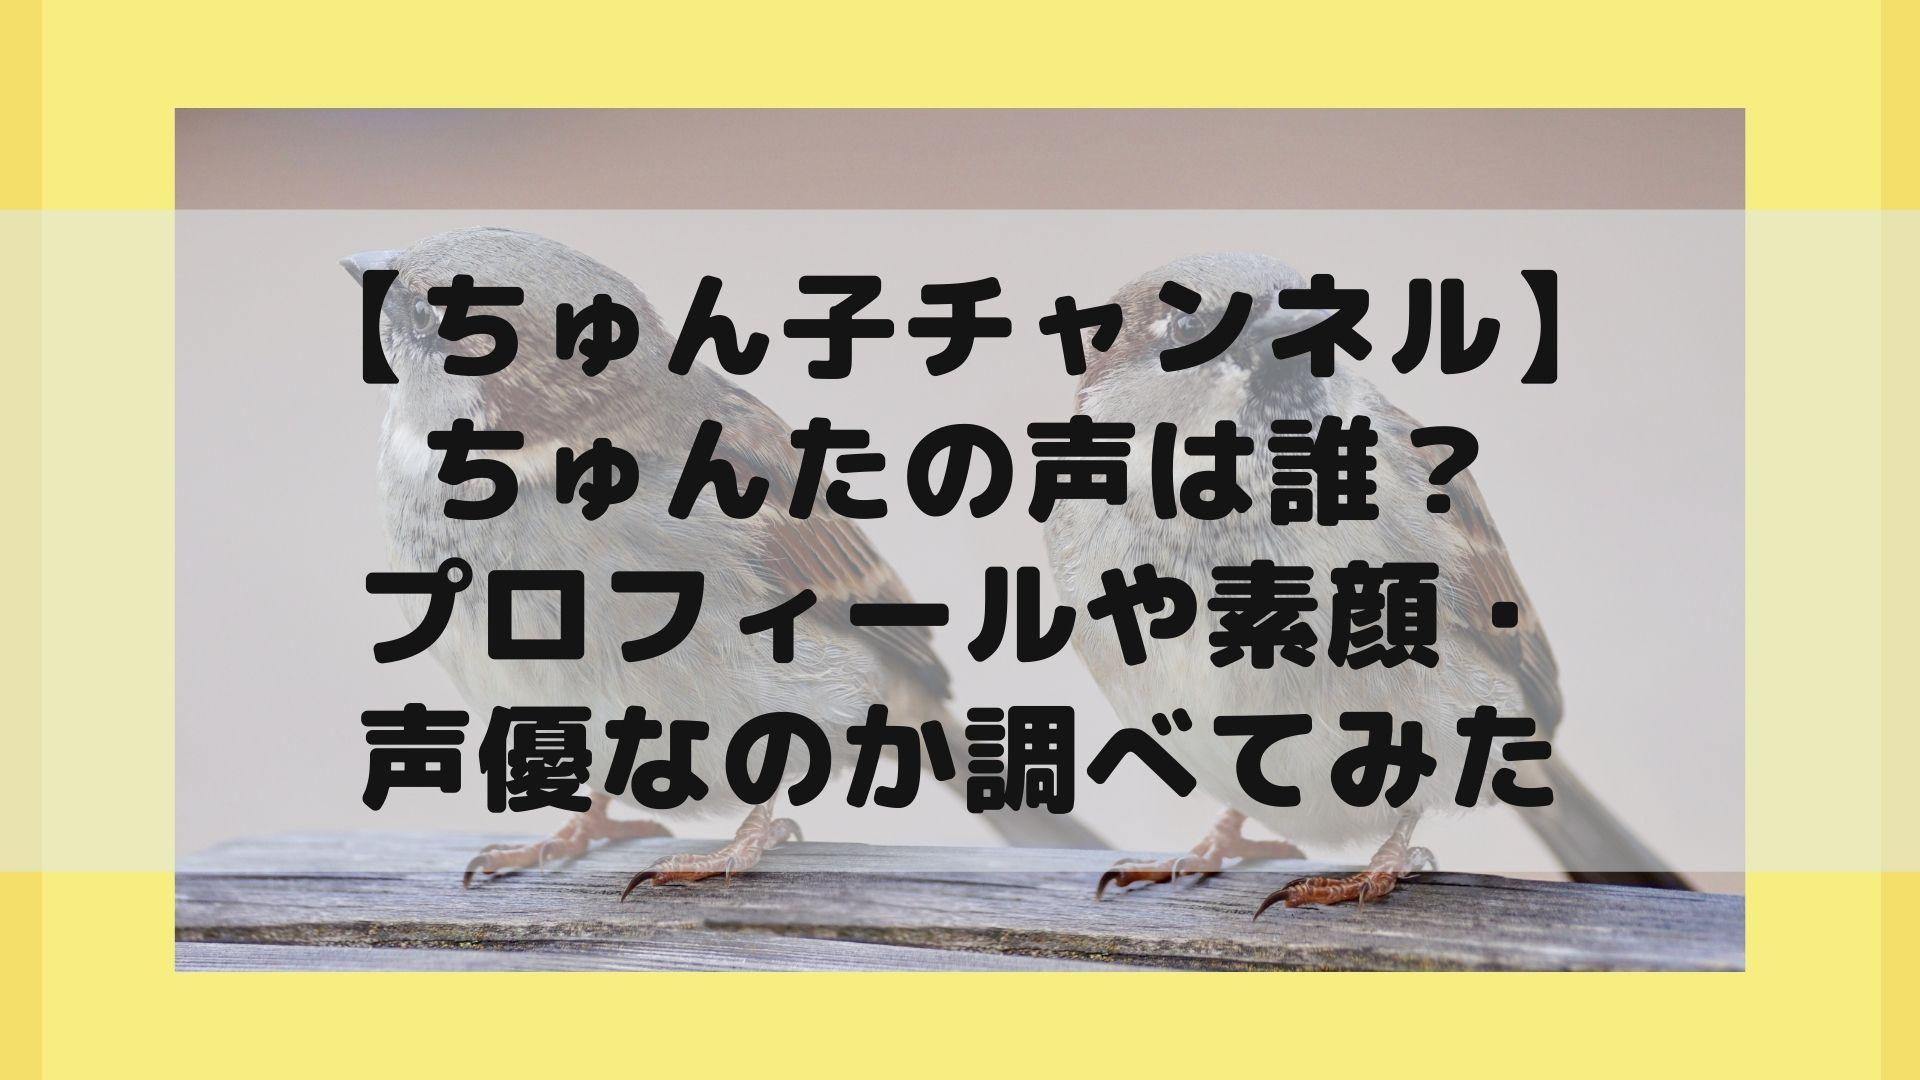 【ちゅん子チャンネル】ちゅんたの声は誰?プロフィールや素顔・声優なのか調べてみたタイトル画像